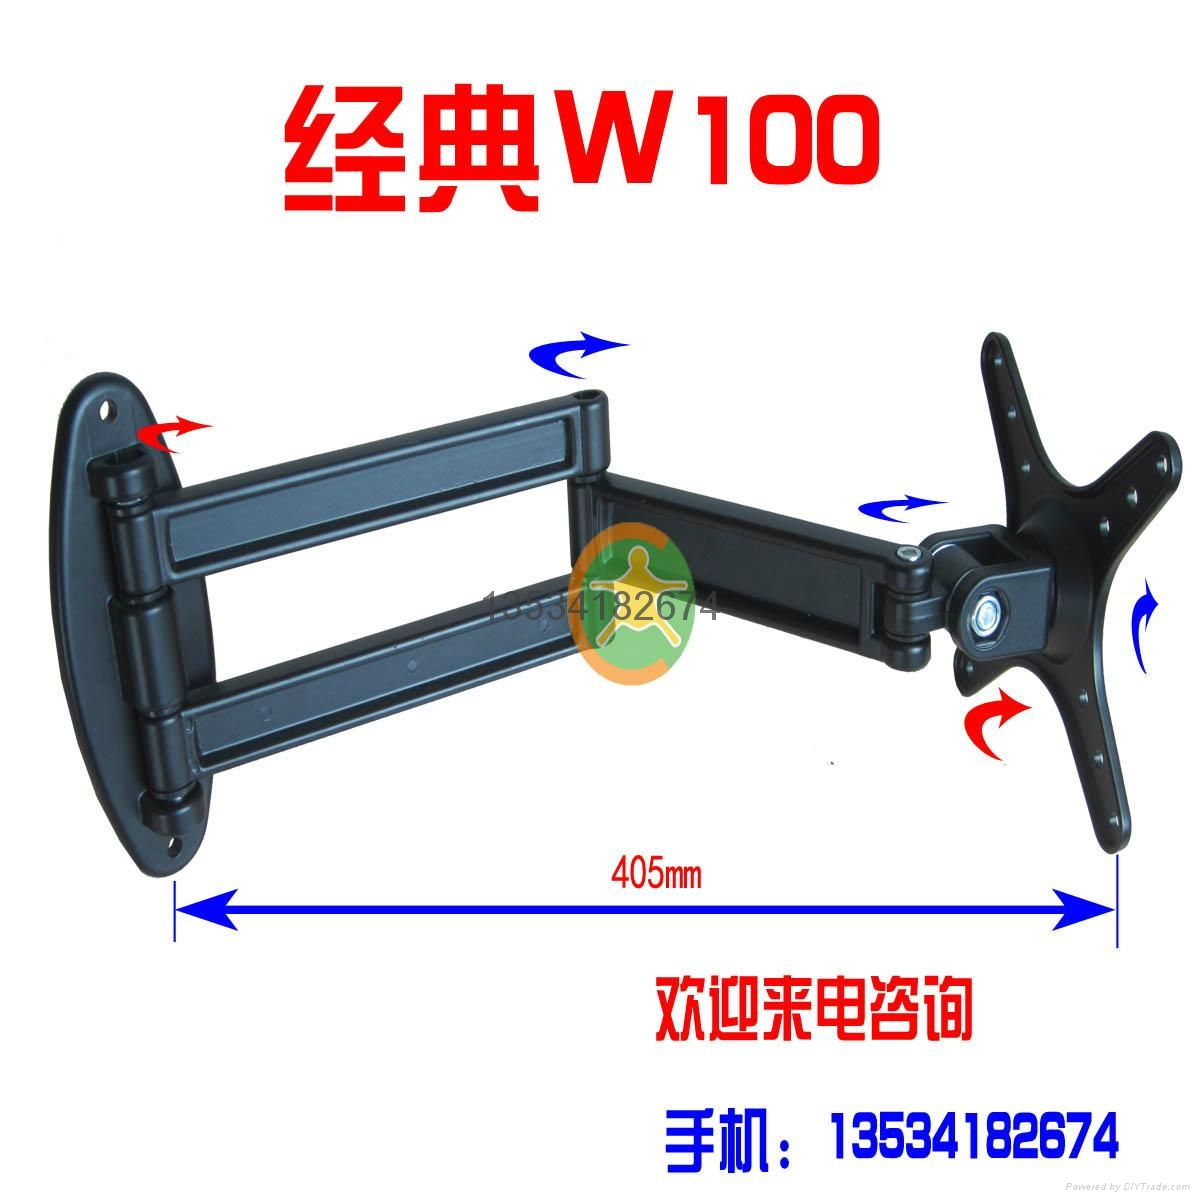 铝合金液晶显示器支架/铝合金旋转显示器挂架W100 1